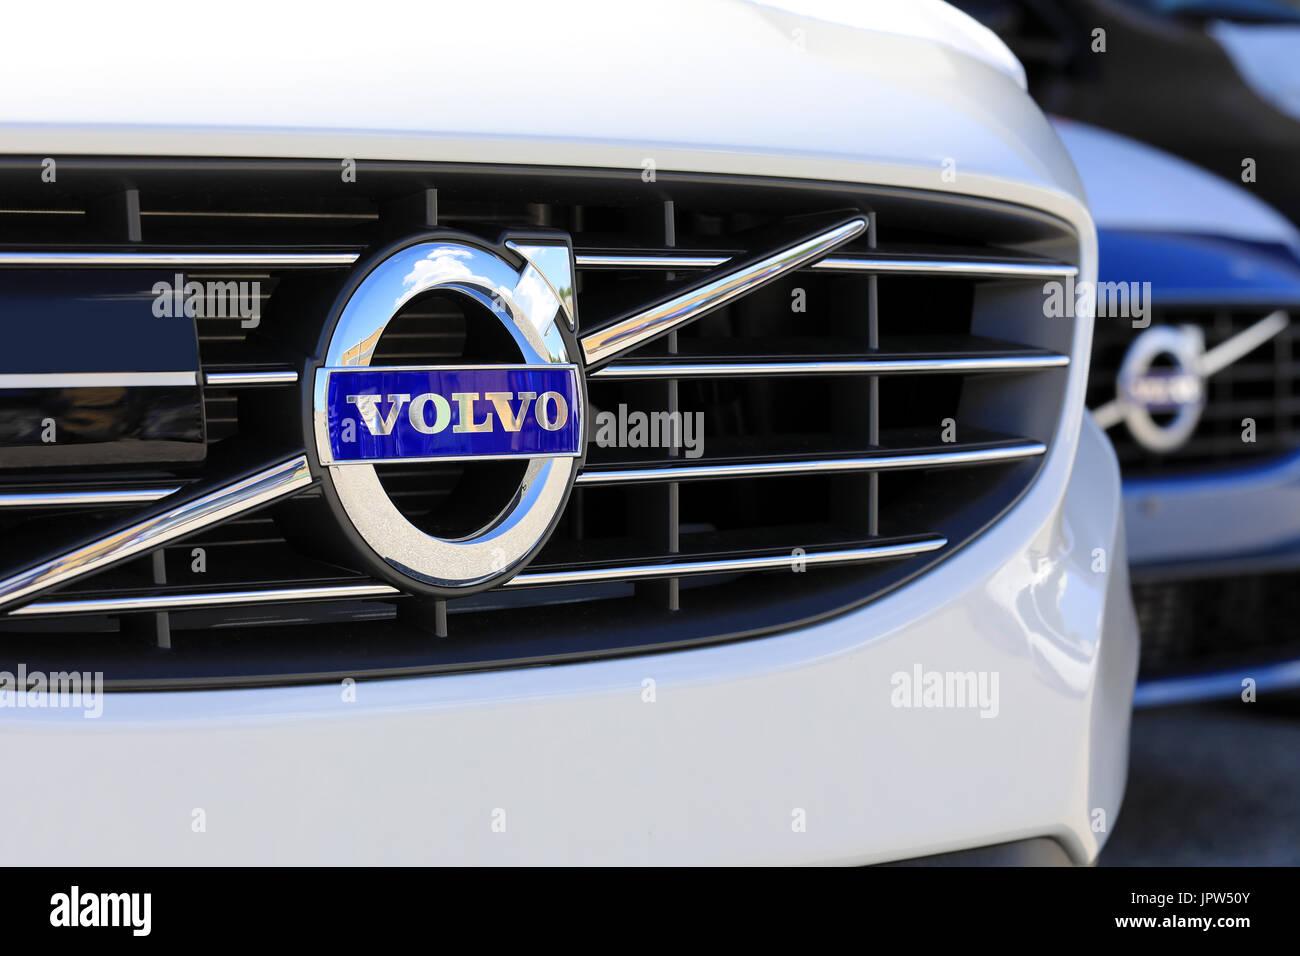 Car Sales Sign Stock Photos & Car Sales Sign Stock Images ...